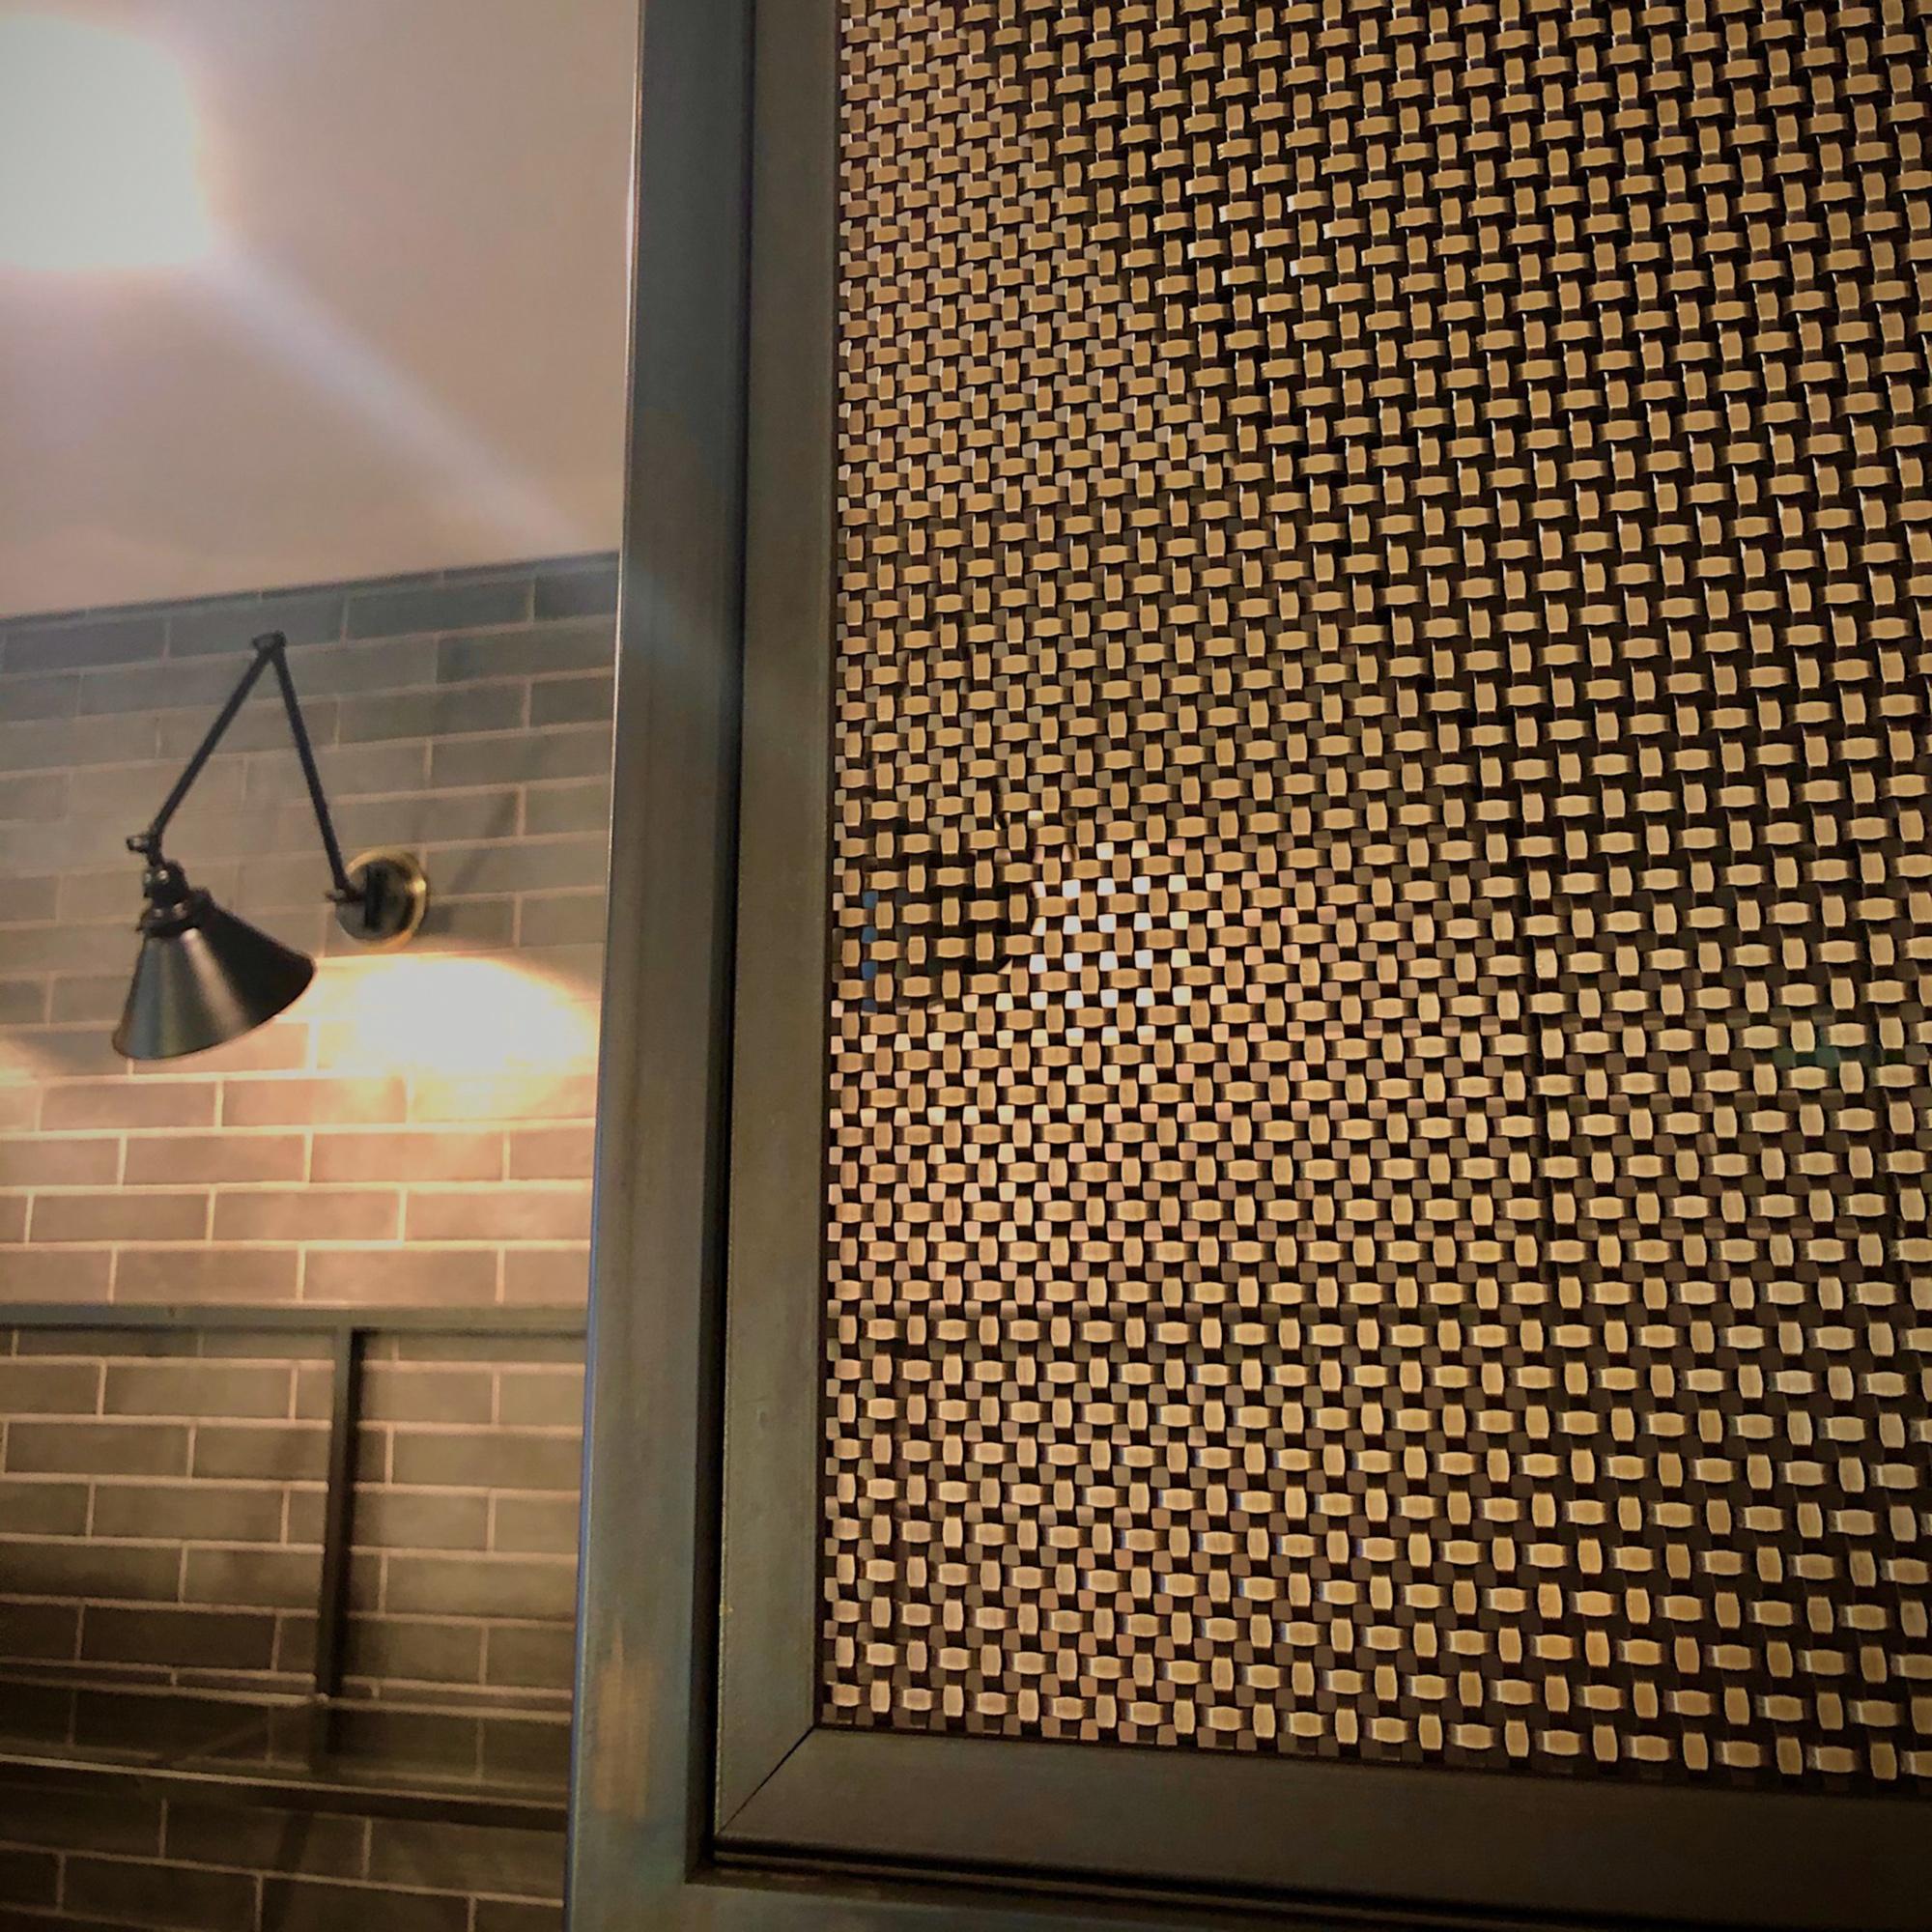 Fine woven wire mesh S-12 creates a near-opaque screen over the shelves.